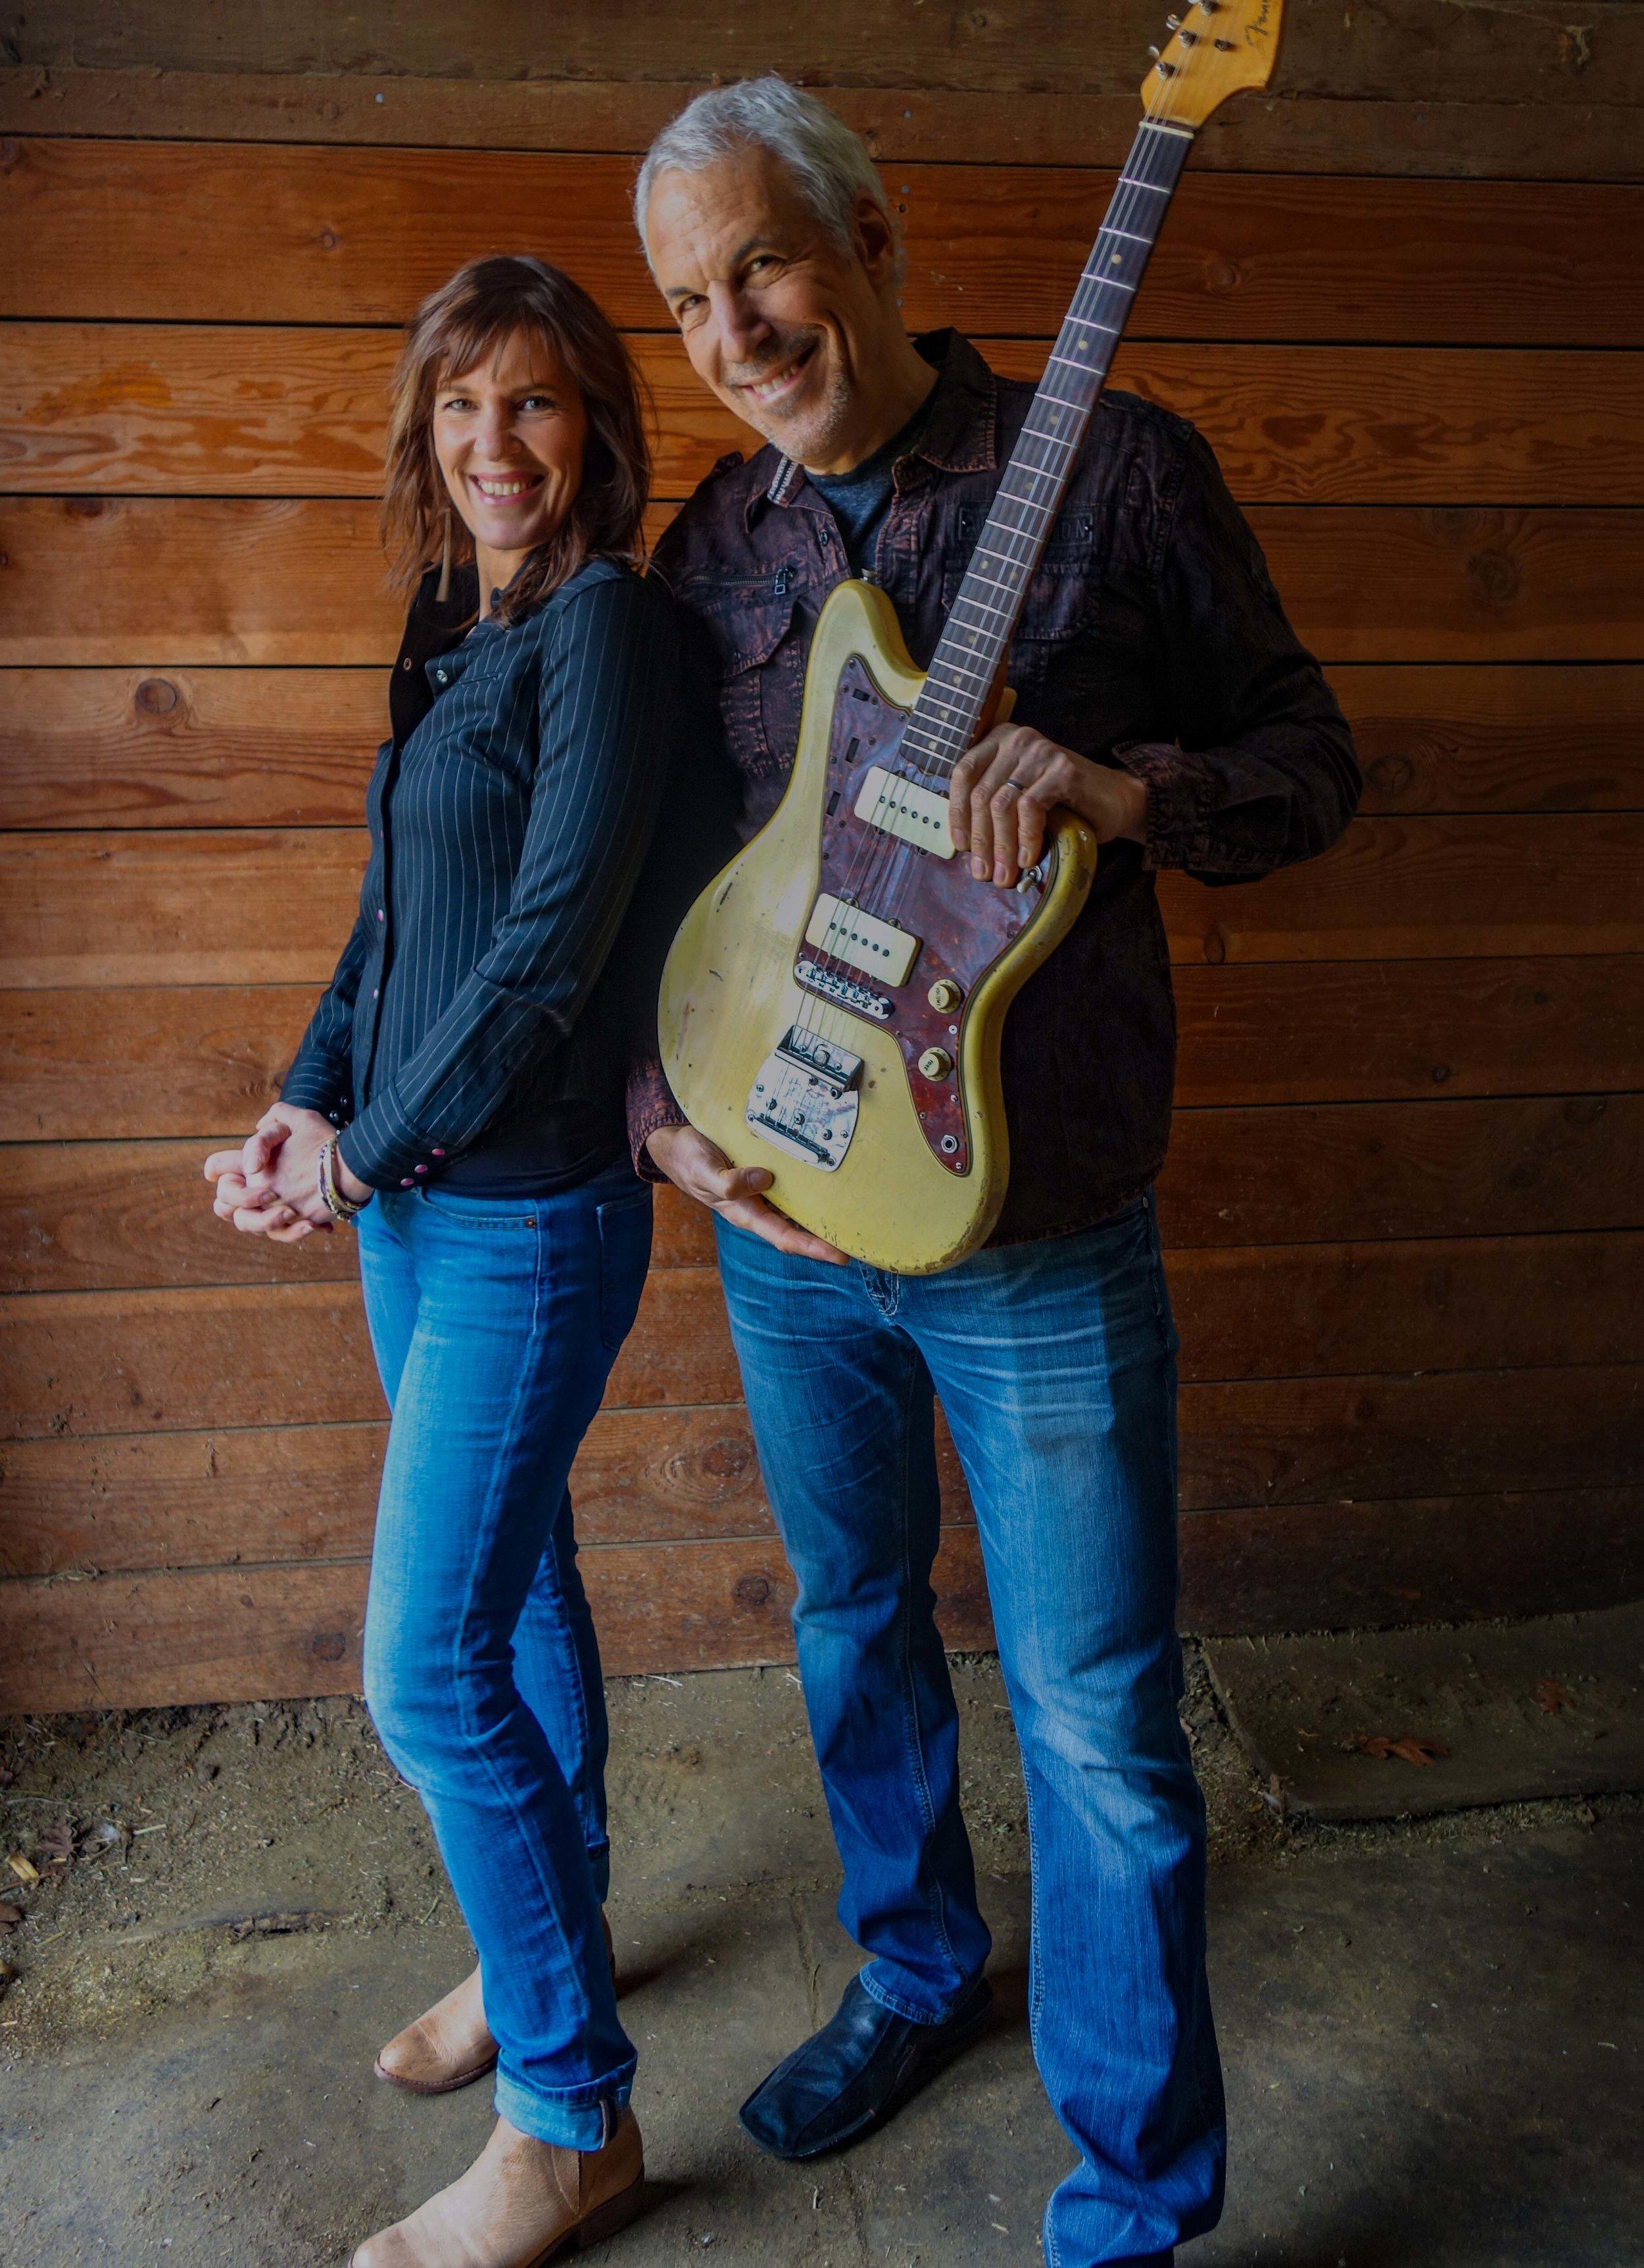 Jeff Pevar & Inger Nova Jorgensen. Photo by Mark Arinsberg